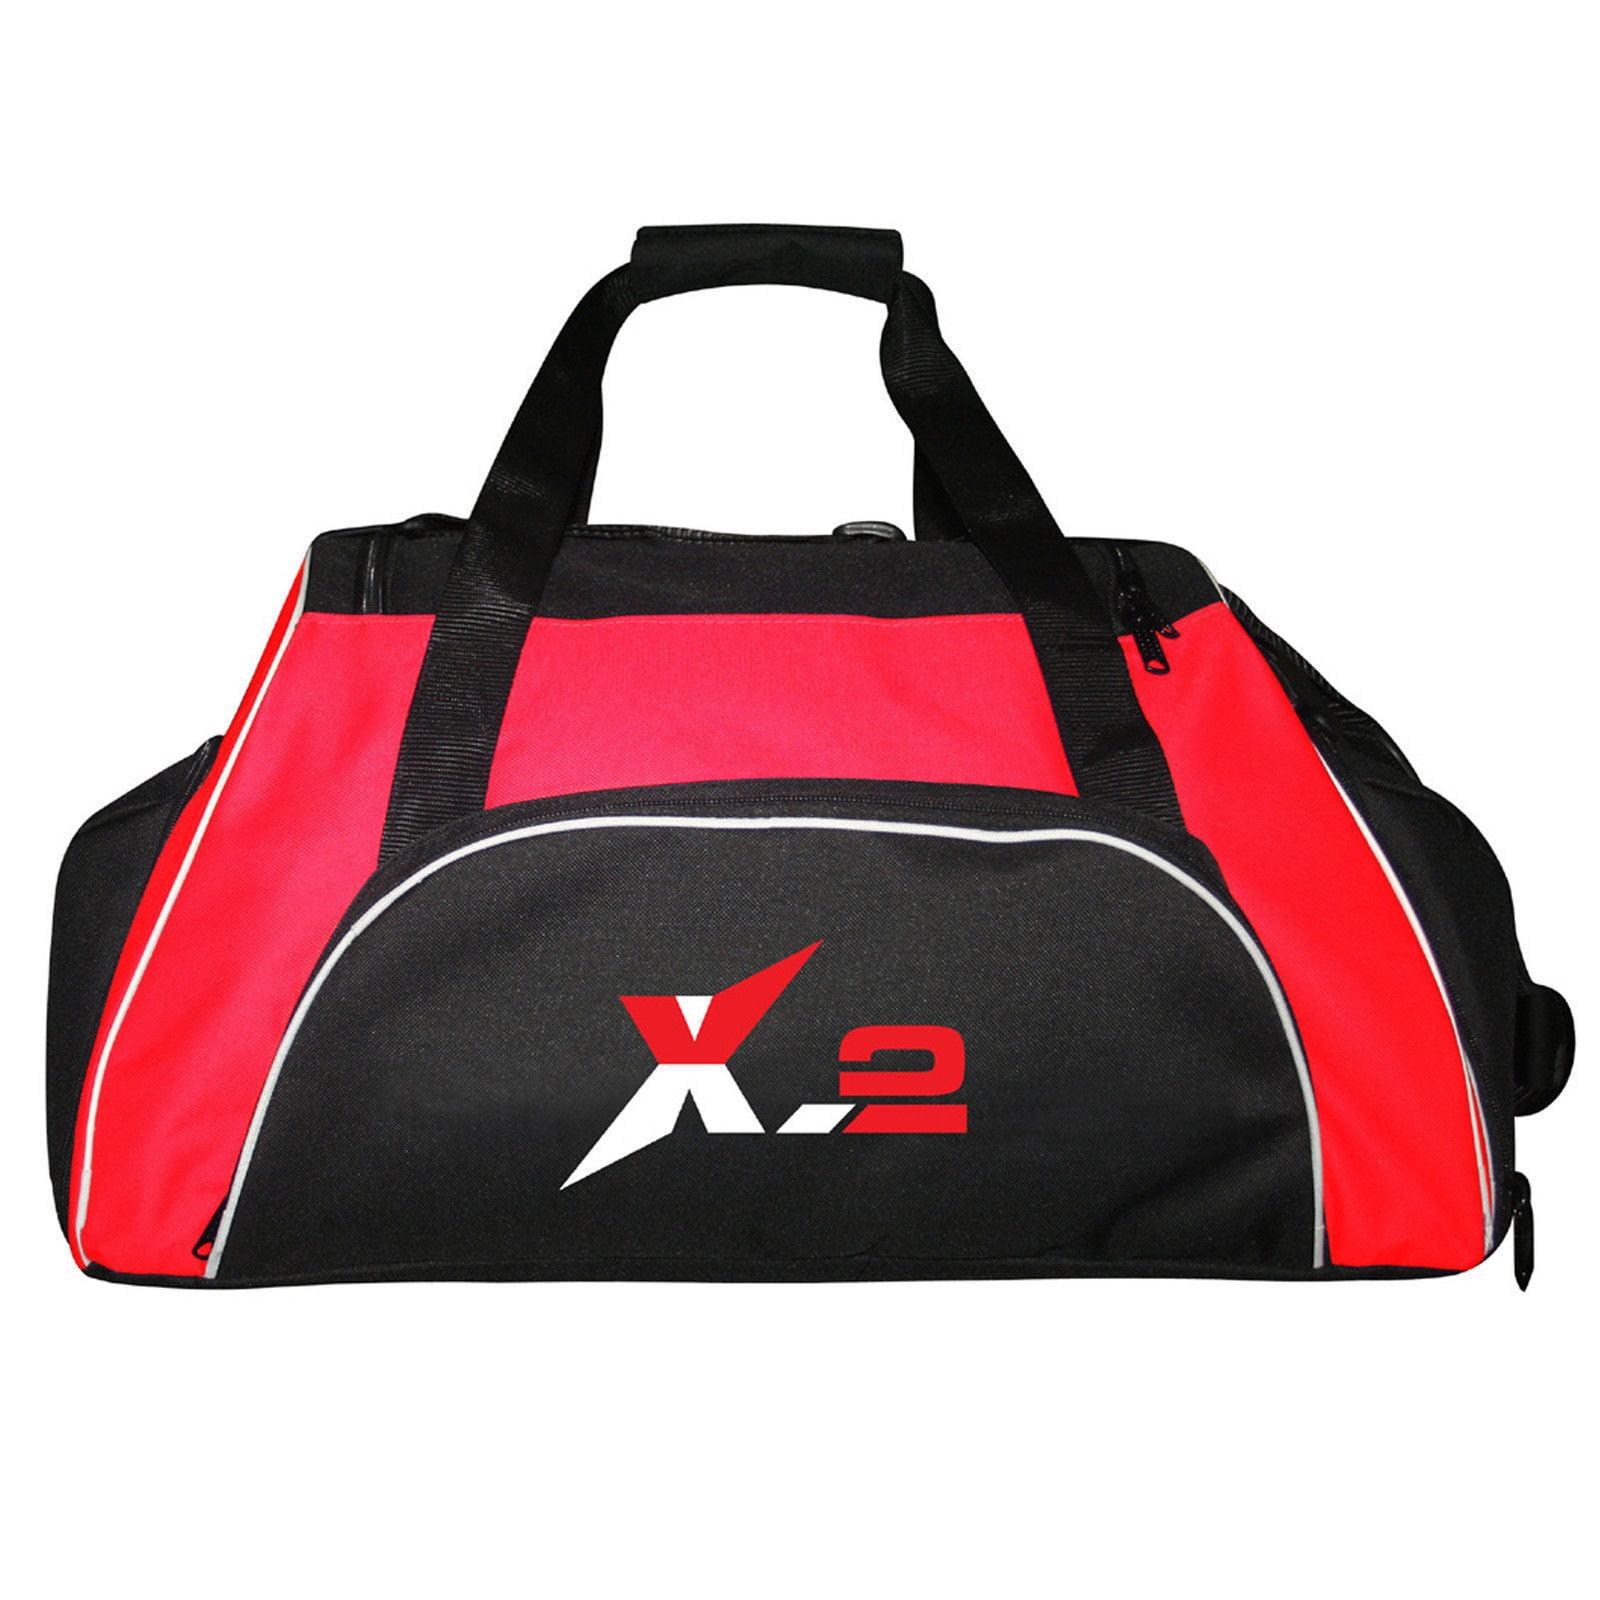 173e79b5ef Duffle Bag